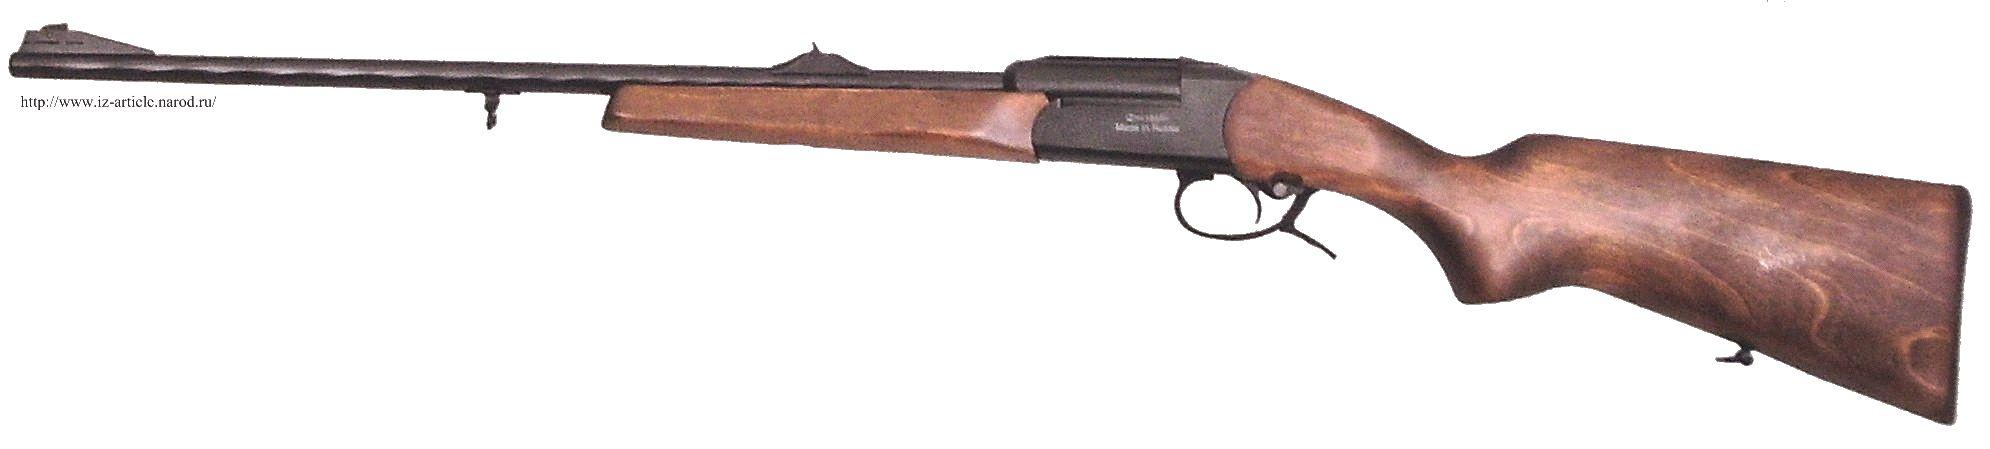 Ружьё ИЖ-18МН. Производились на Ижевском механическом заводе (№622).